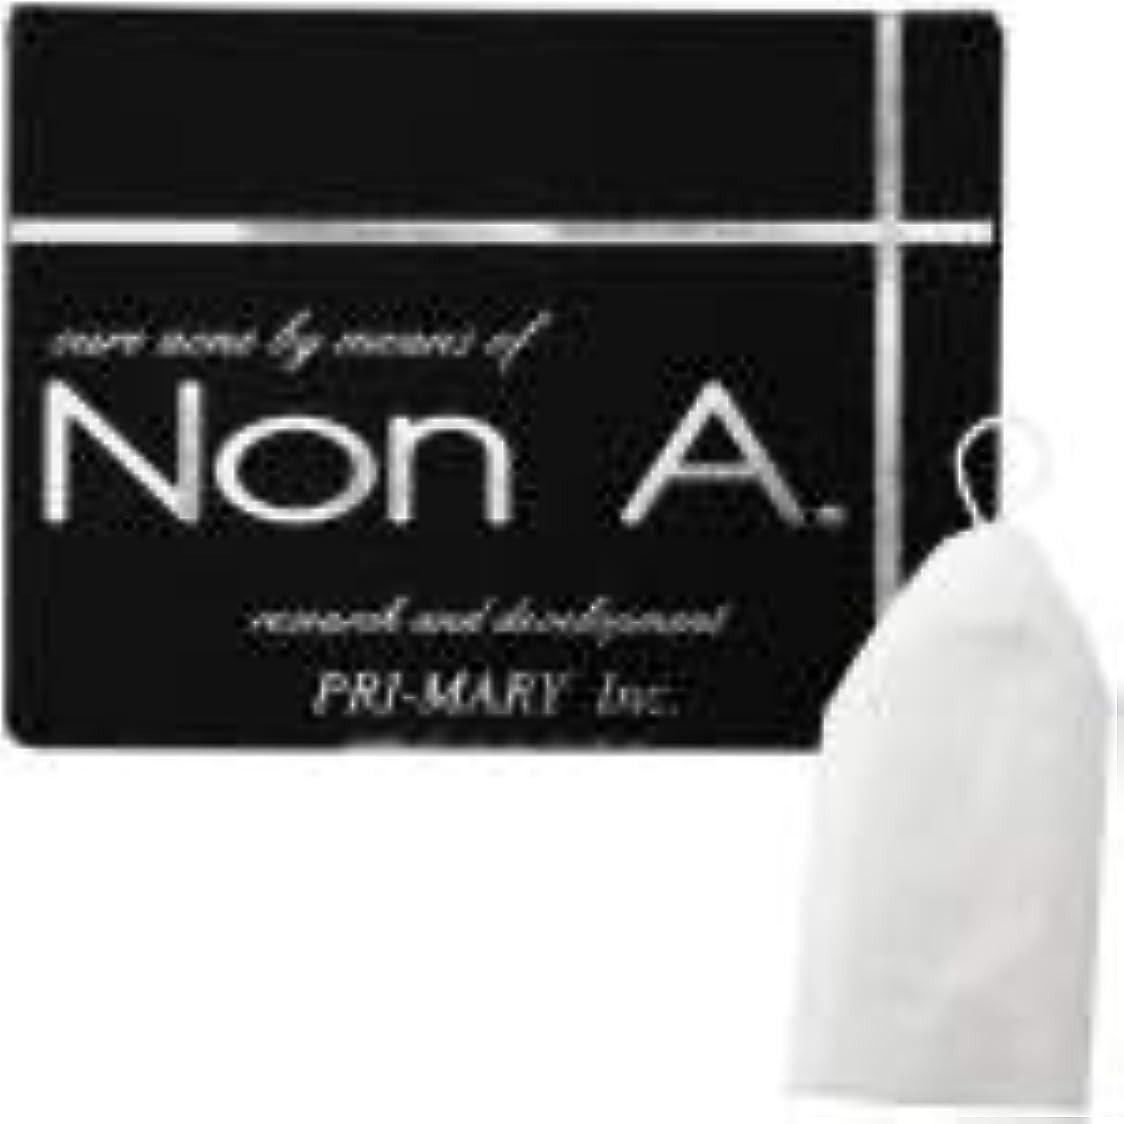 フィットネス成り立つウィンクNon A. (ノンエー) 洗顔ソープ [ ニキビ対策 / 100g / 洗顔泡立てネット付 ] 洗顔せっけん ピーリング成分不使用 (プライマリー)